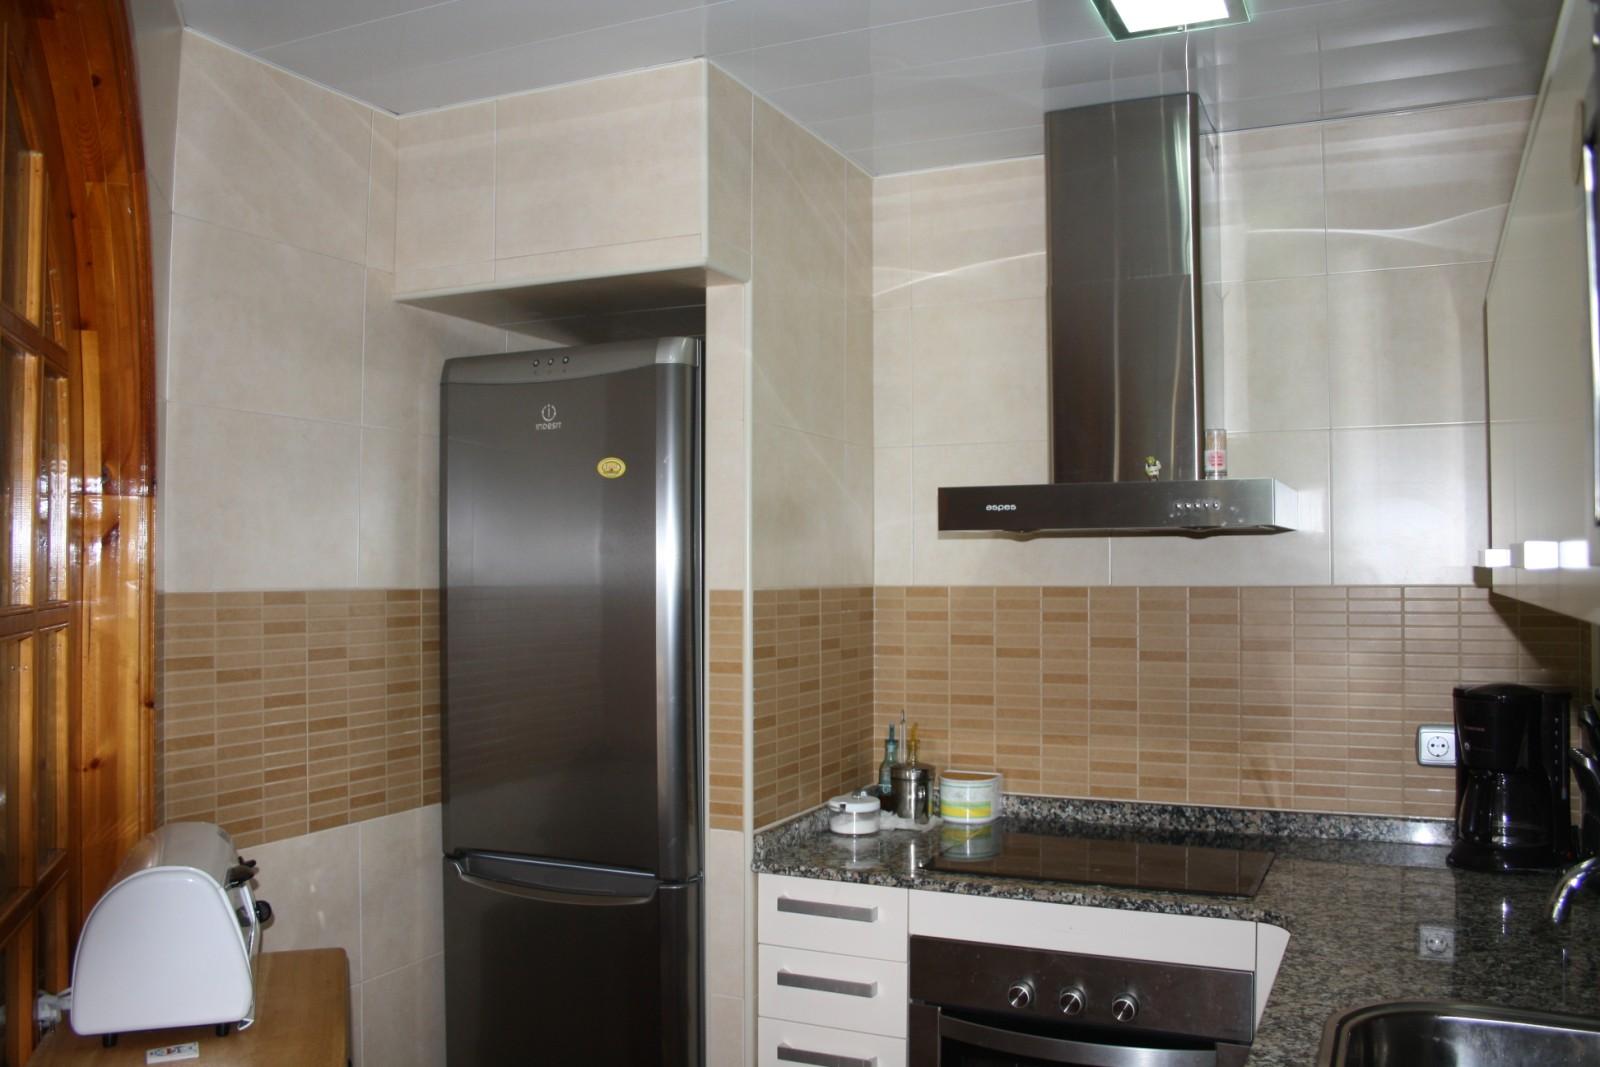 Casa de roda de bara alicatado cocina 4 fotos - Alicatado cocina ...